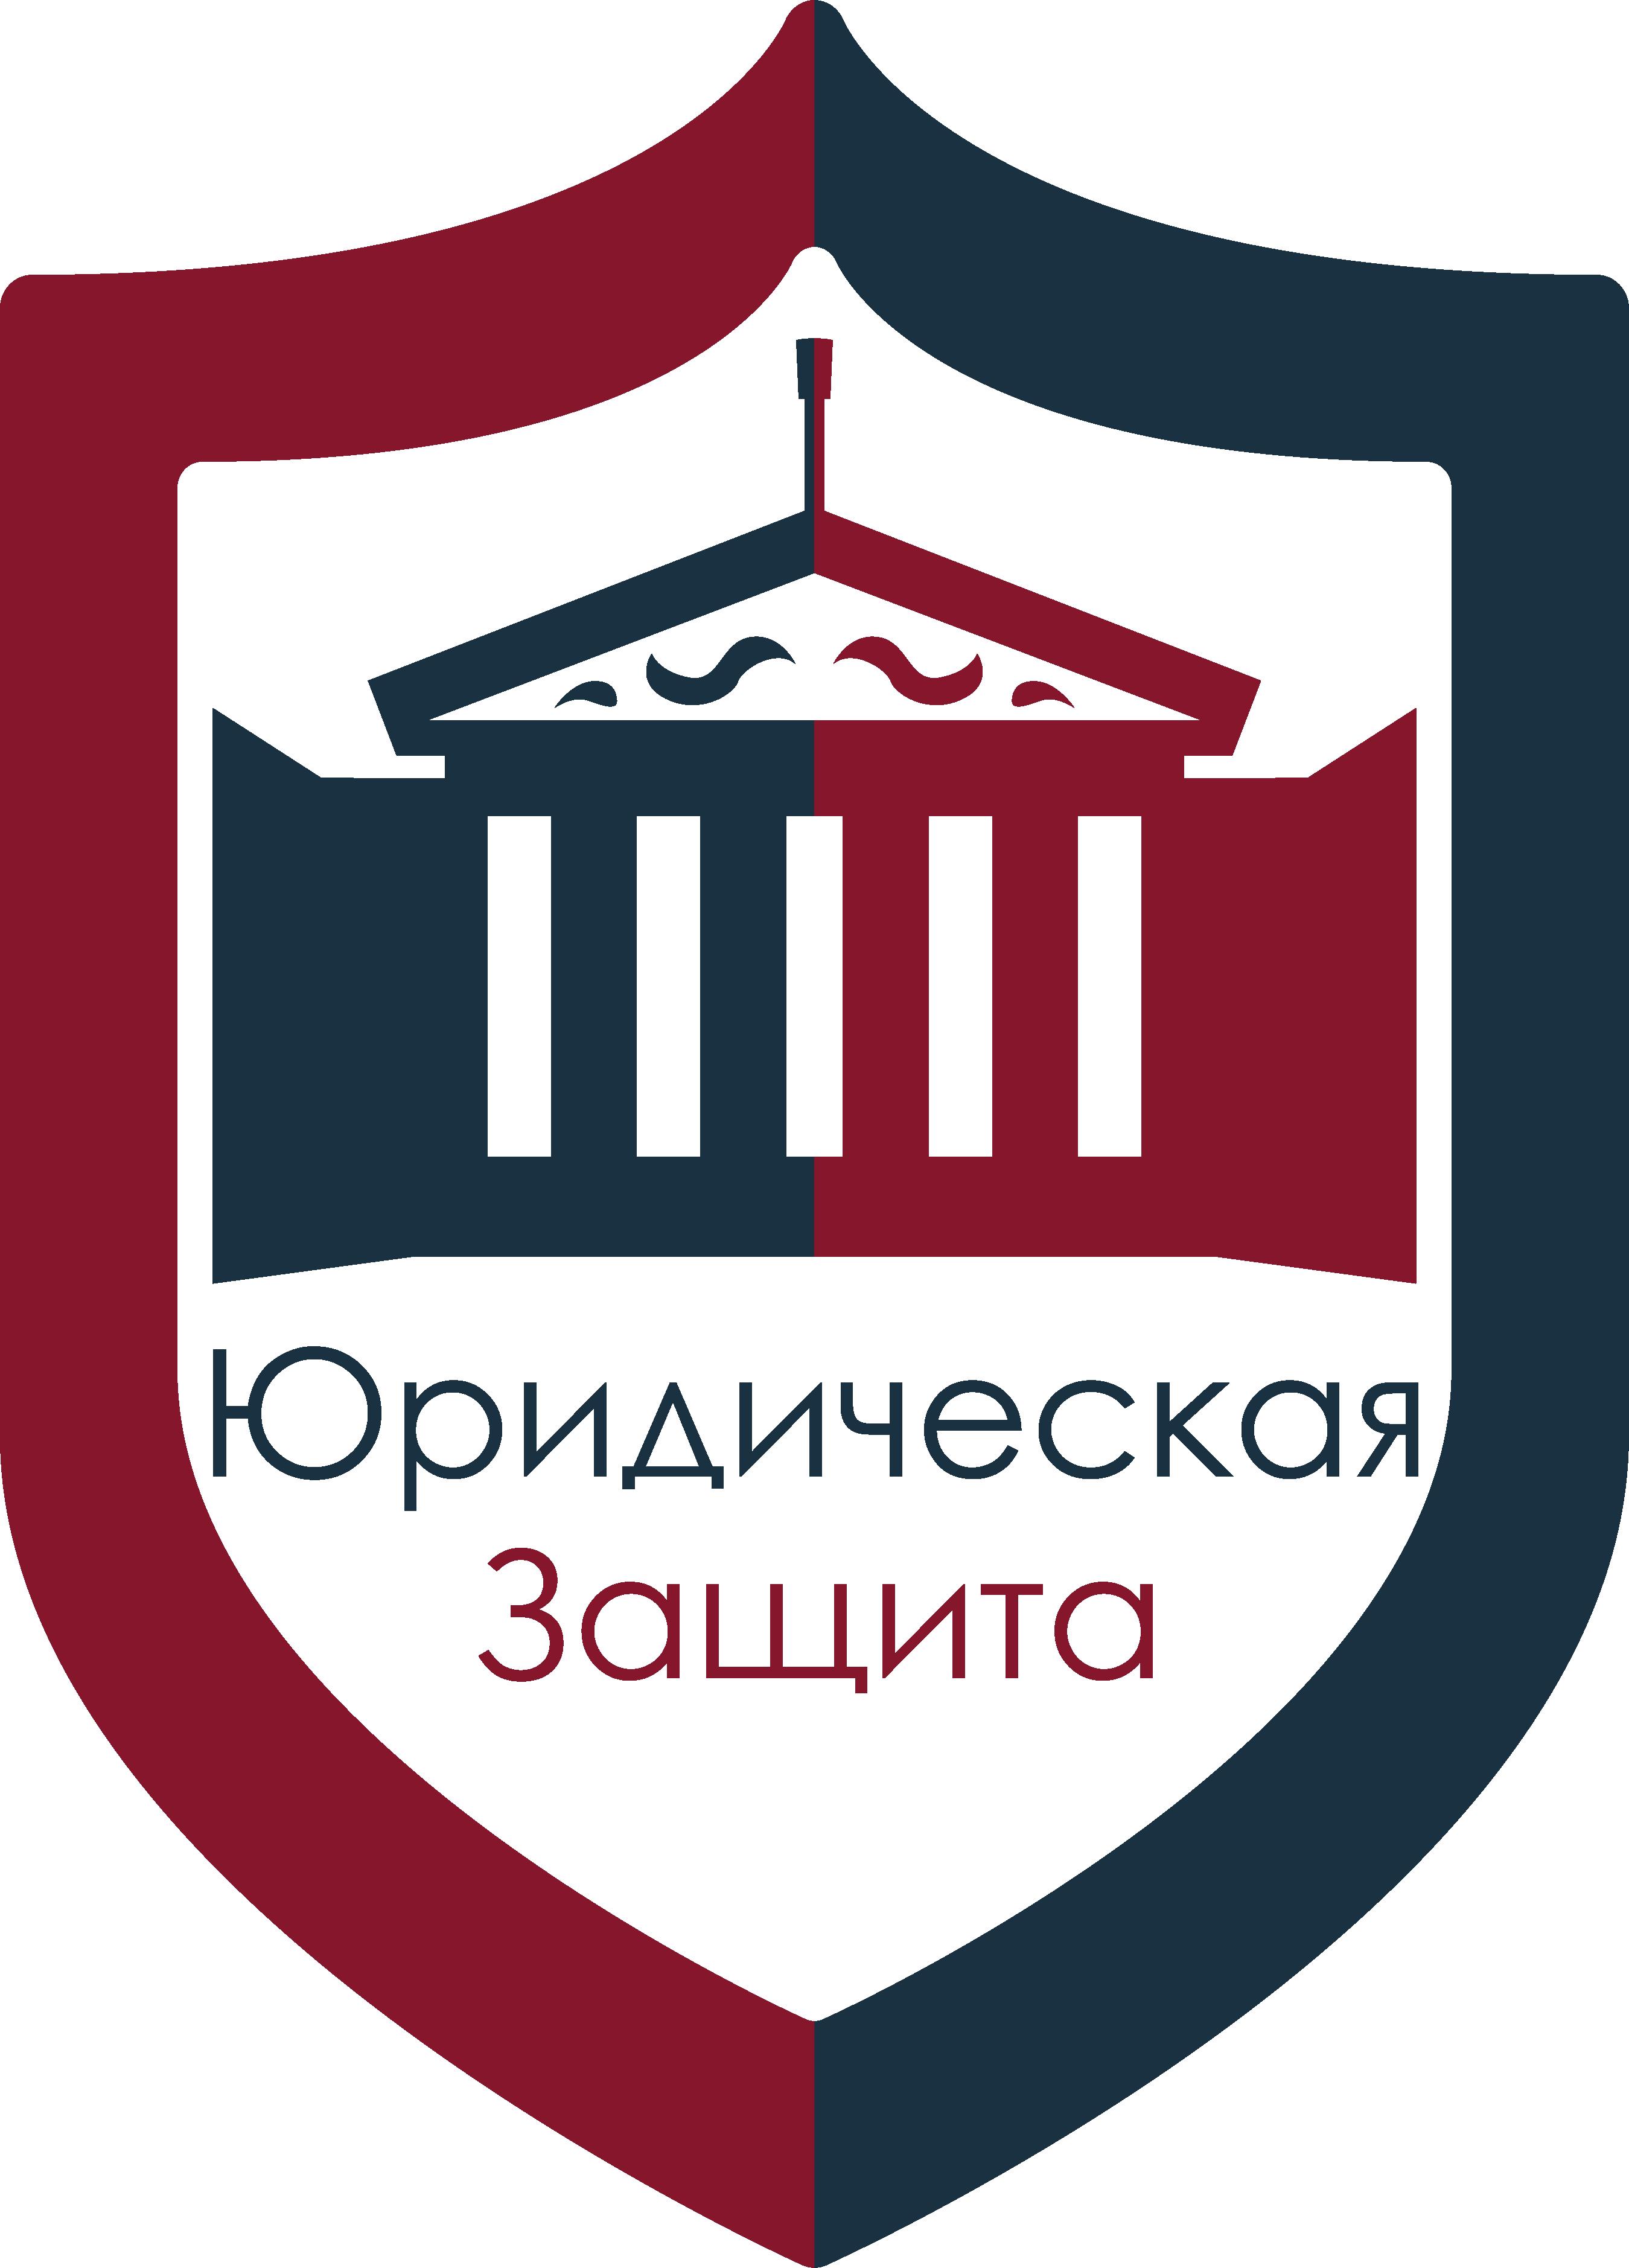 Разработка логотипа для юридической компании фото f_67655ddc67747110.png